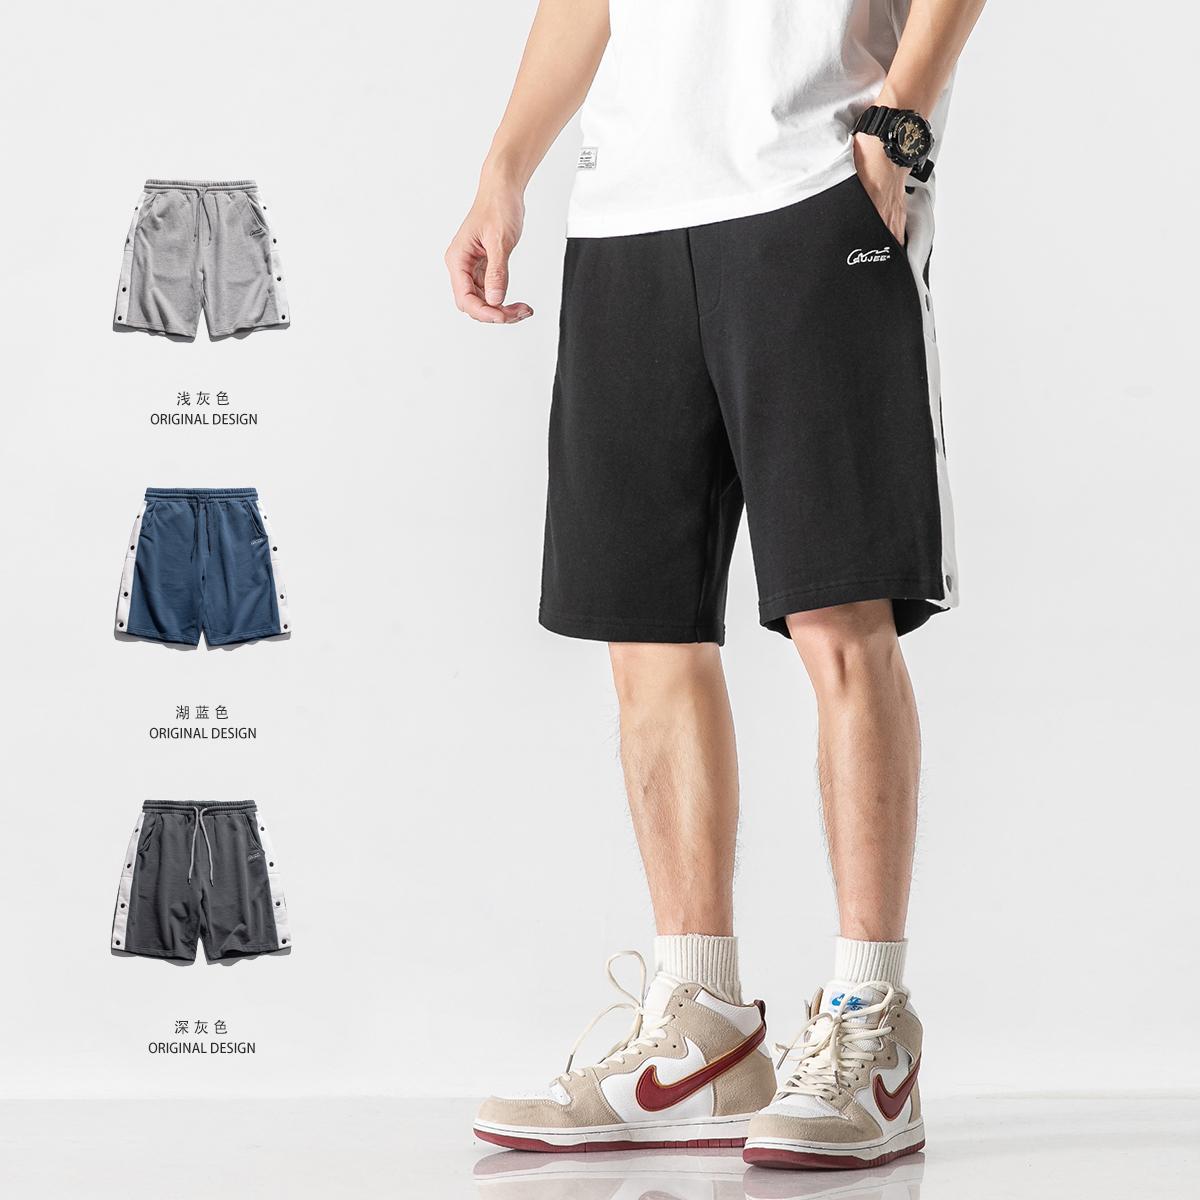 侧边扣短裤子(售价低于98元投诉) P70 货号:G212V054